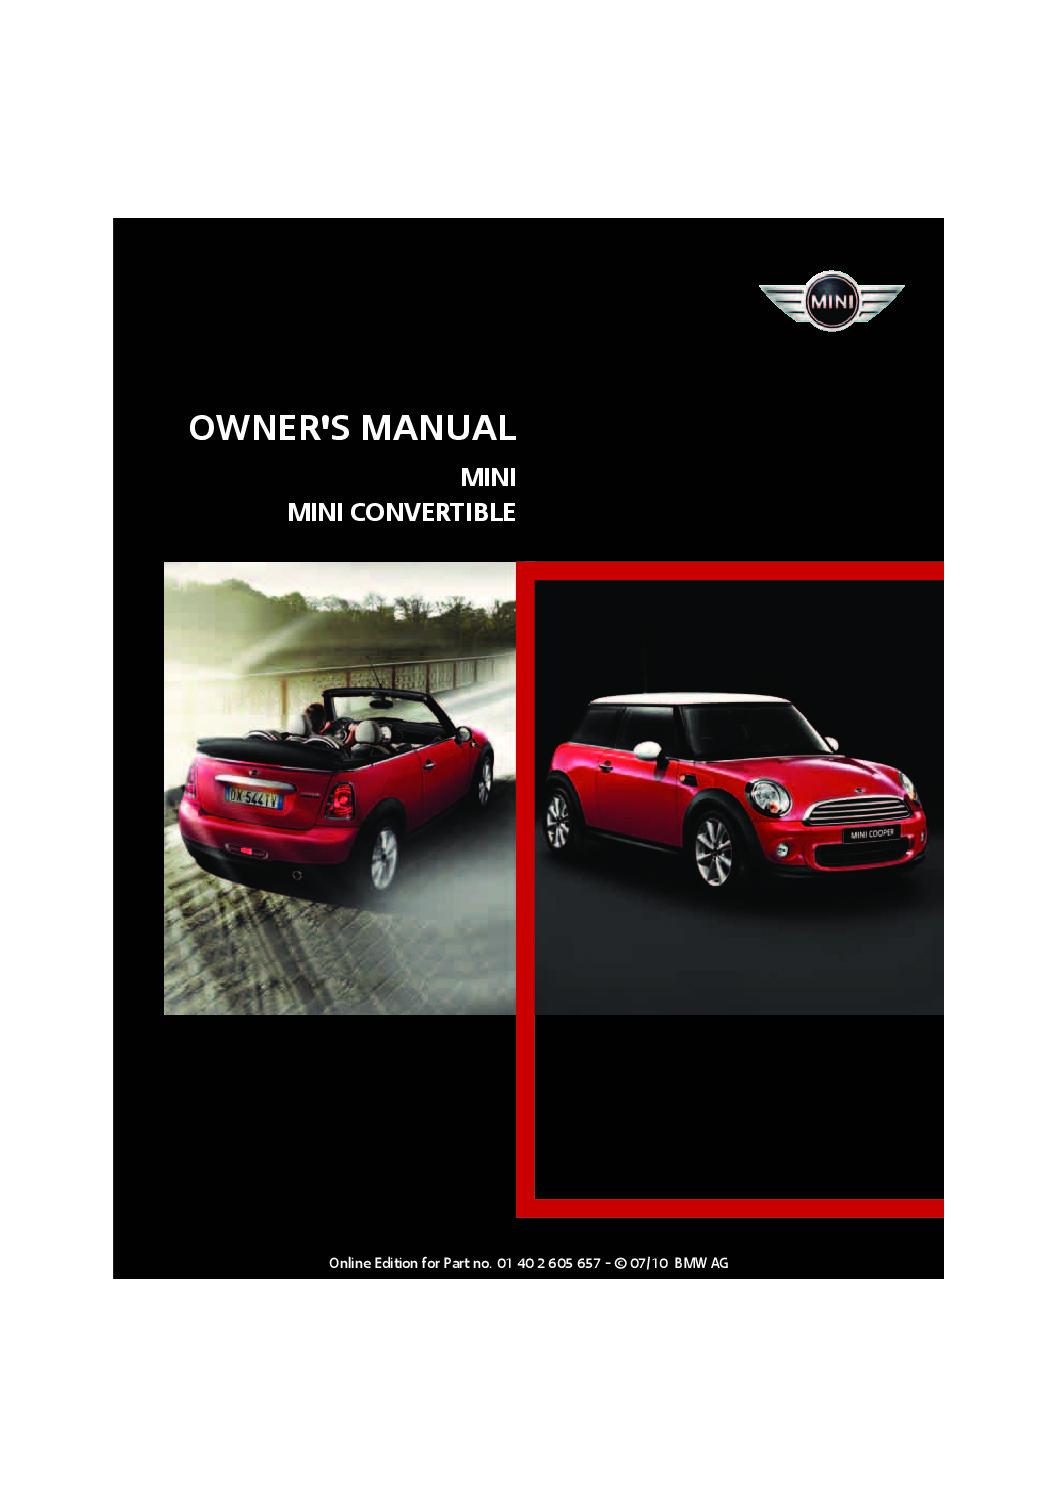 rover mini owners manual open source user manual u2022 rh dramatic varieties com mini cooper user manual 2017 mini cooper user manual 2005